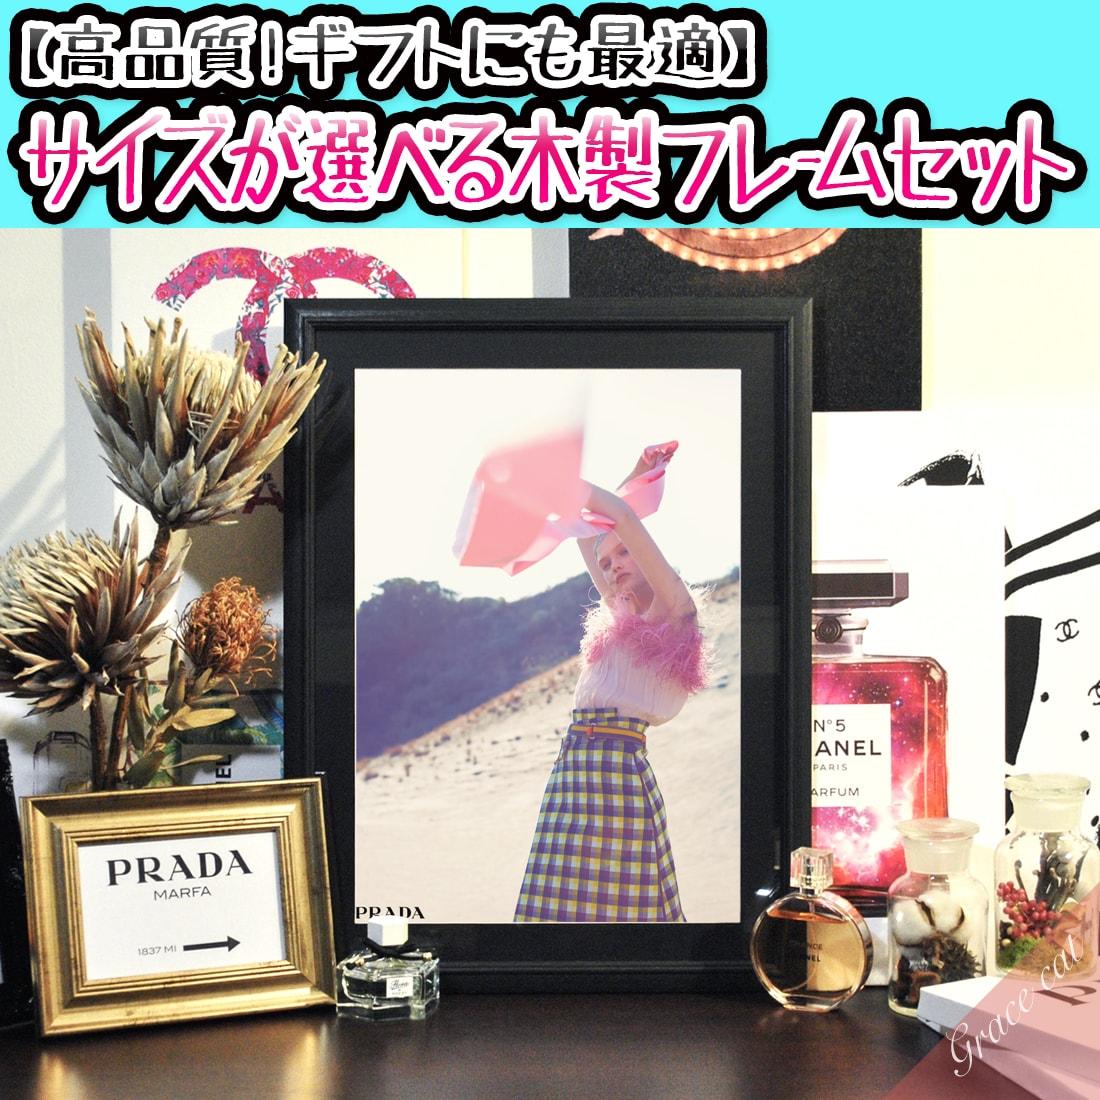 【 Grace cat Art 】サイズが選べるアートポスター + 木製フレーム額装セット / アート / キャンバス アート / グラフィック アート / インテリア アート / パロディアート / パロディ ポスター / 【 オマージュモチーフ:PRADA / プラダ 】